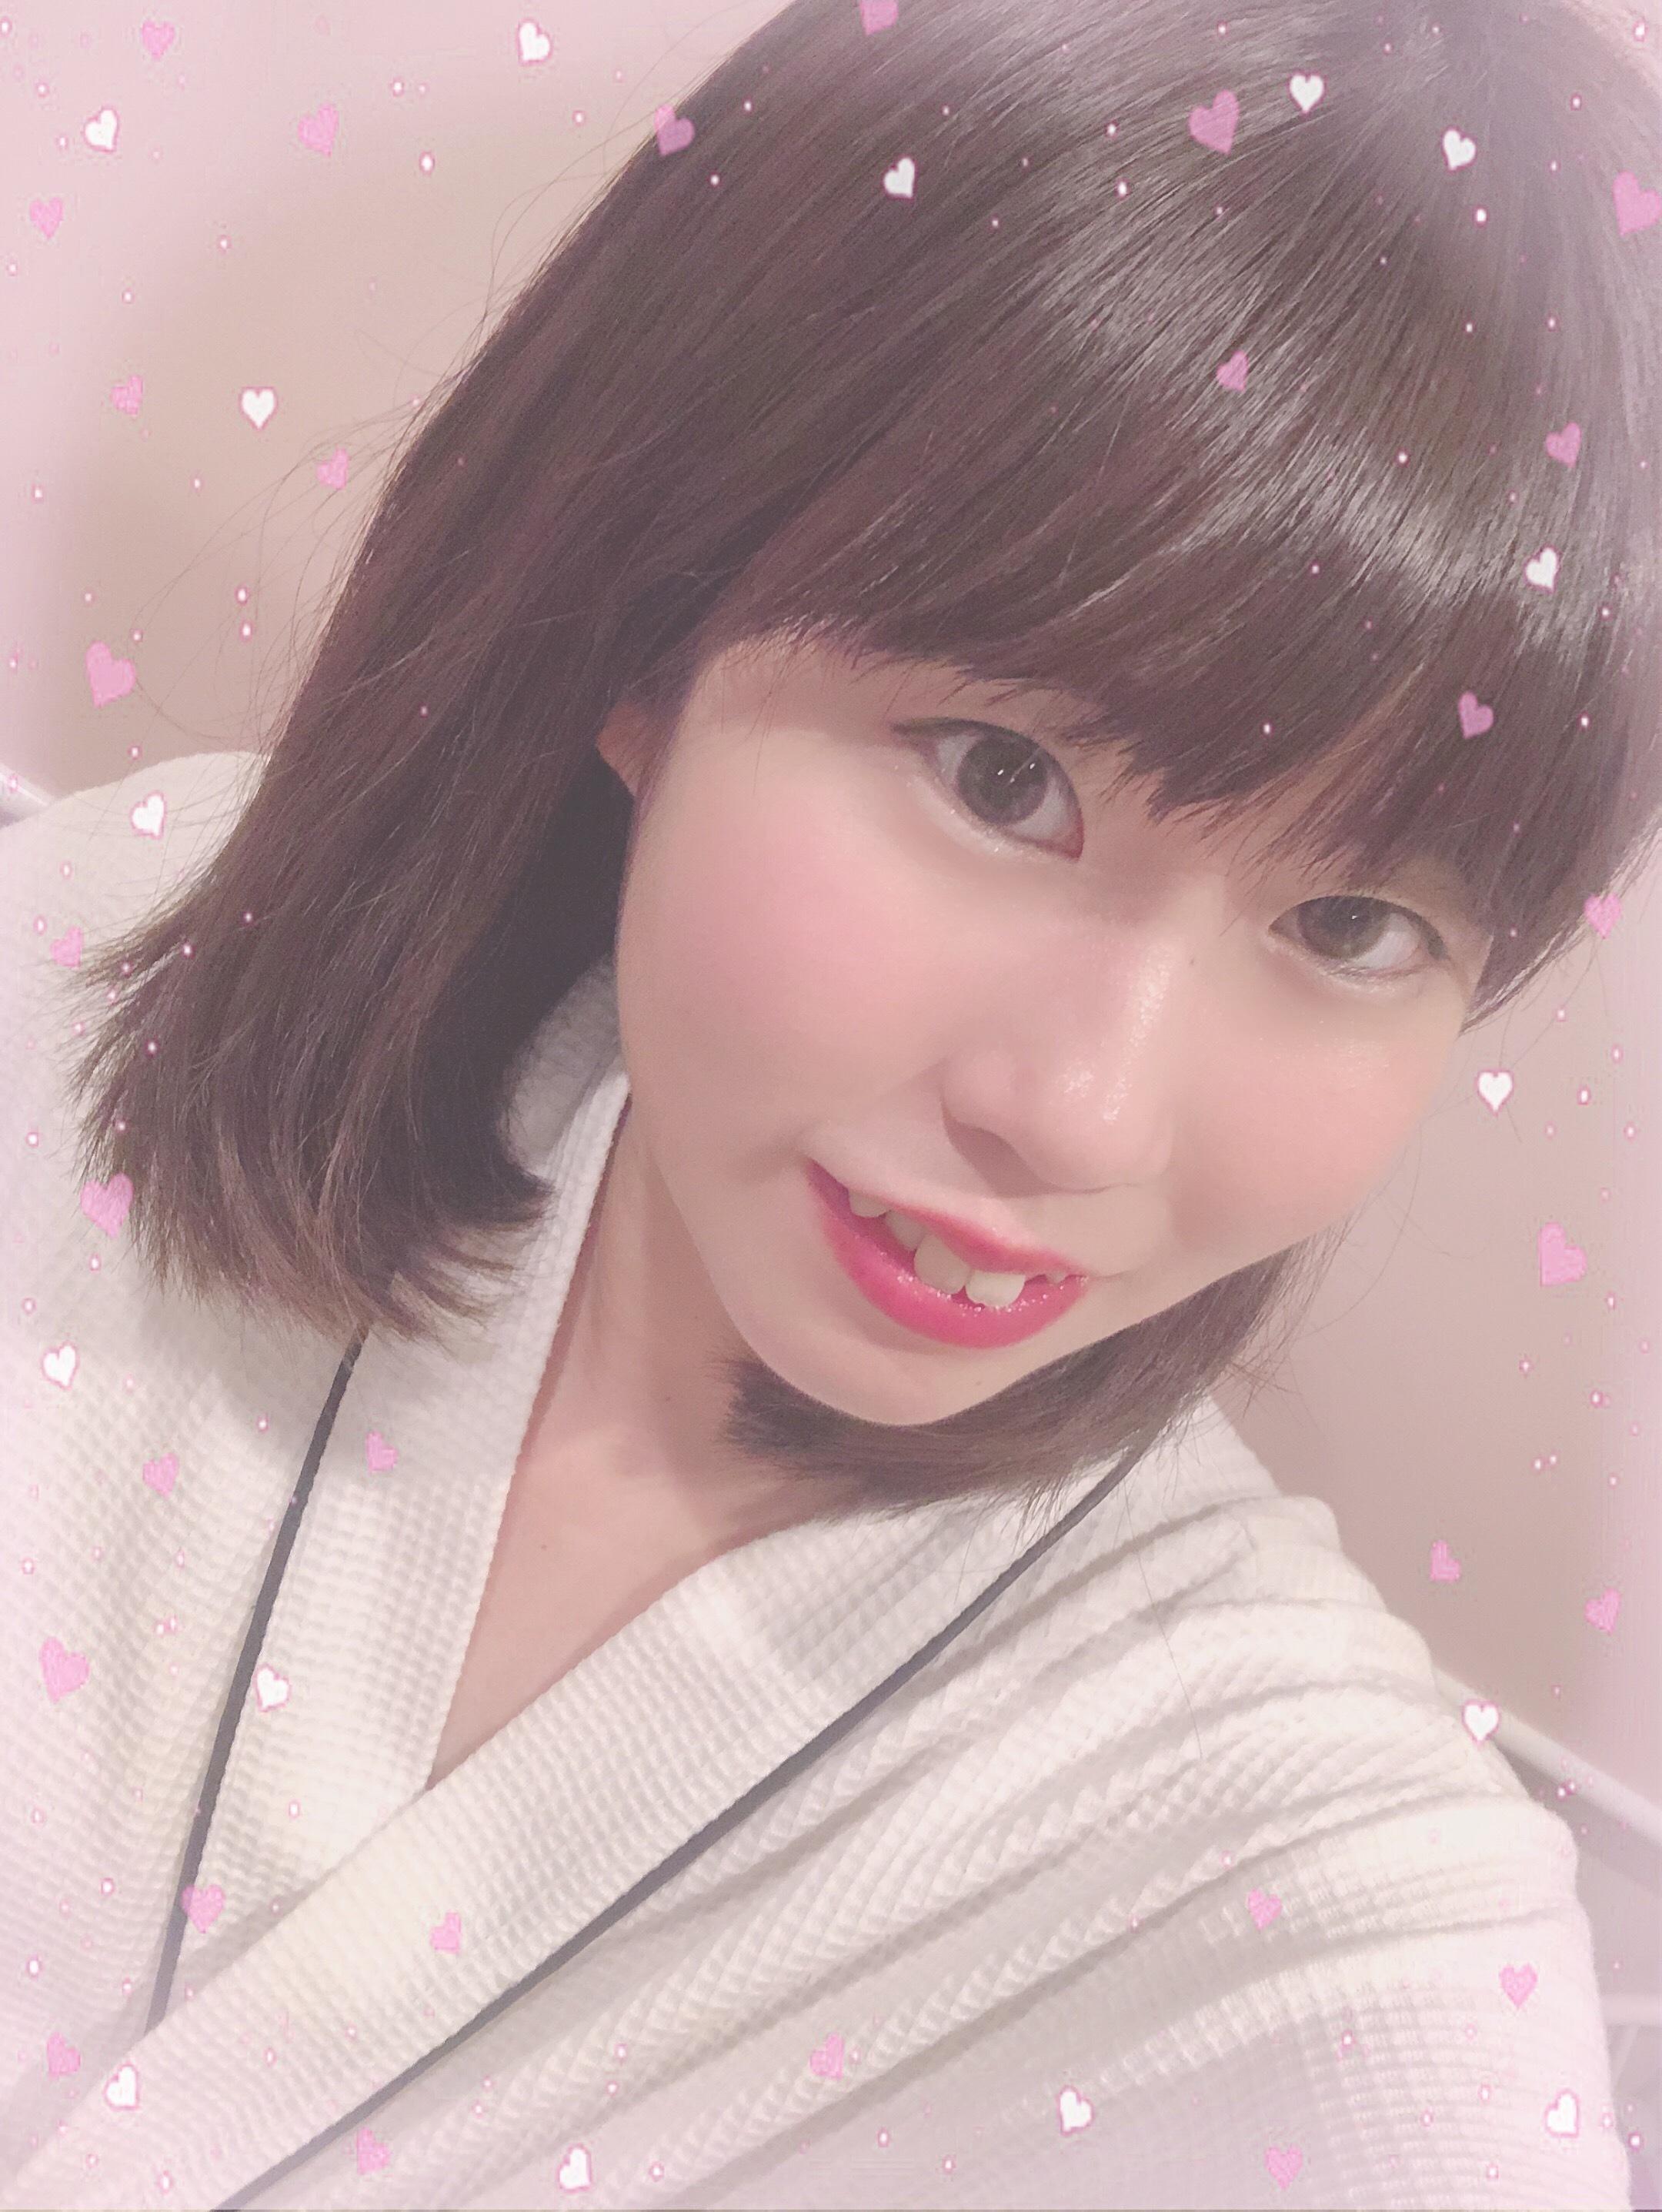 「休みの日こそ!!」10/19(10/19) 13:43 | ゆらりの写メ・風俗動画